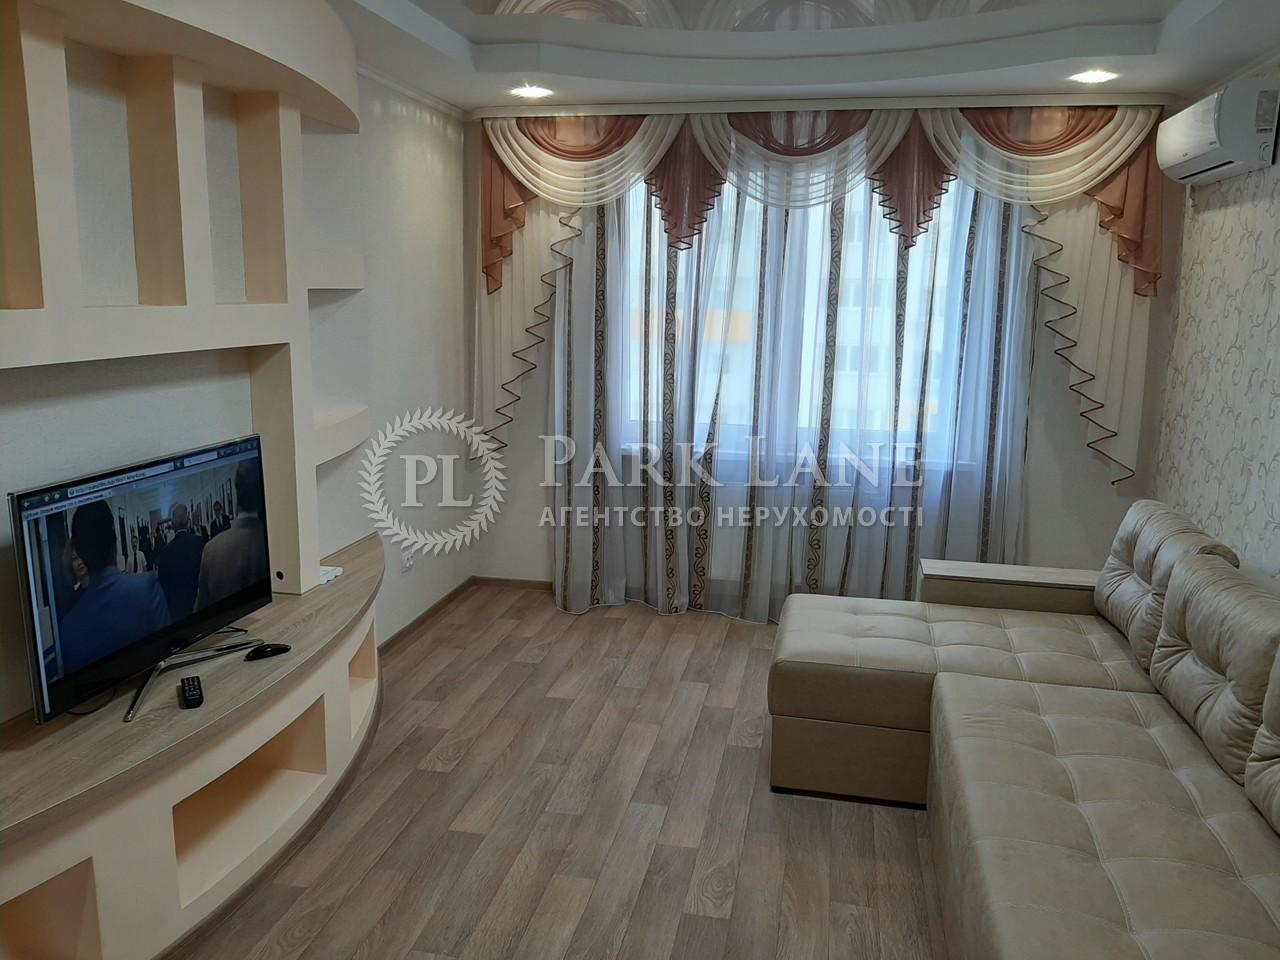 Квартира ул. Ломоносова, 36в, Киев, Z-579521 - Фото 2